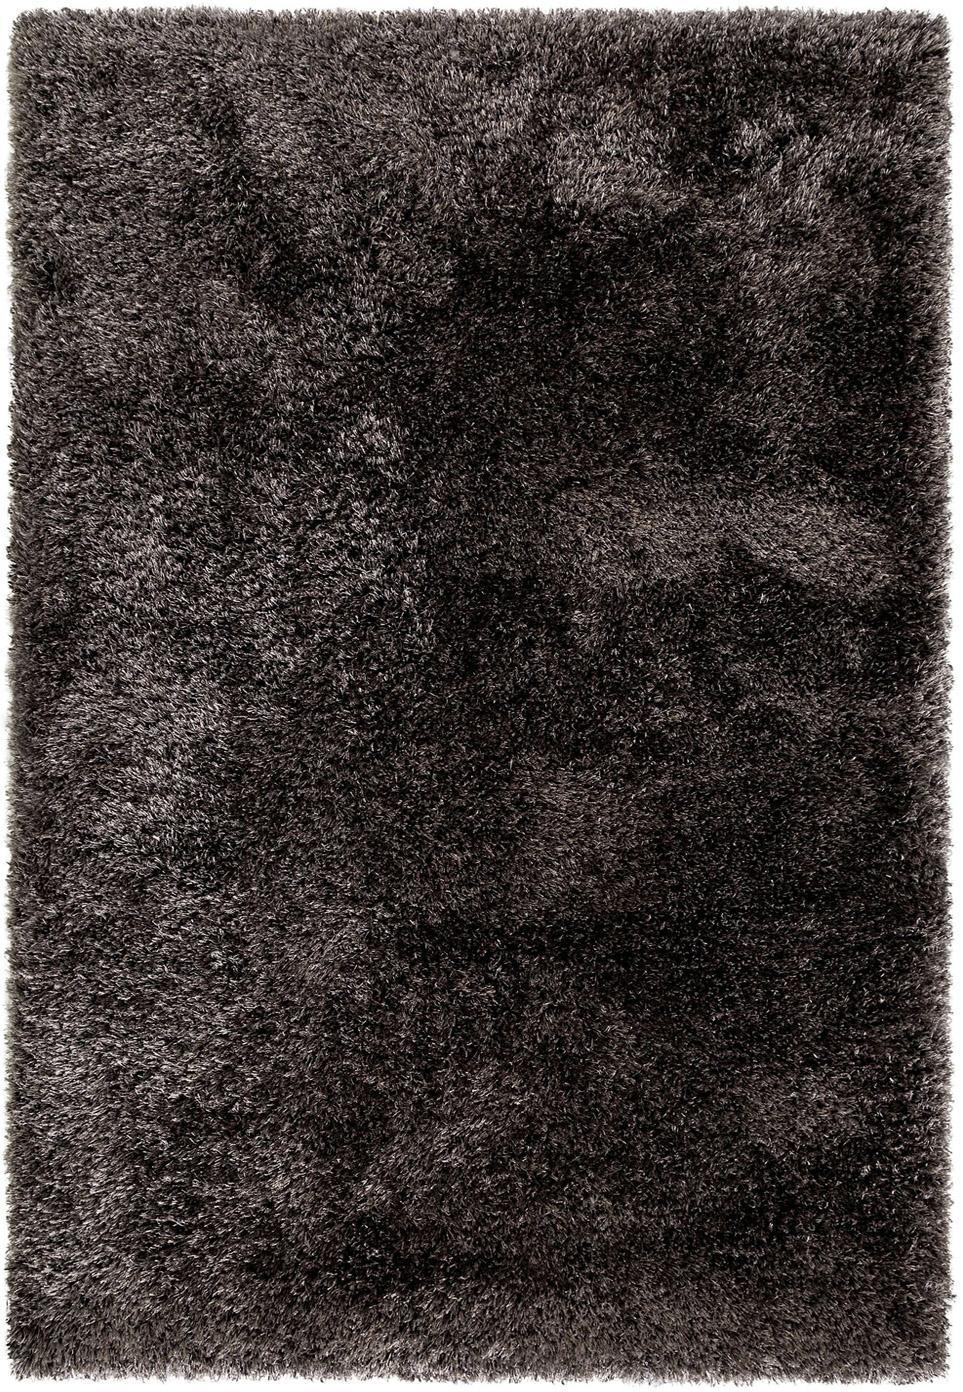 Glänzender Hochflor-Teppich Lea in Anthrazit, 50% Polyester, 50% Polypropylen, Anthrazit, B 160 x L 230 cm (Größe M)